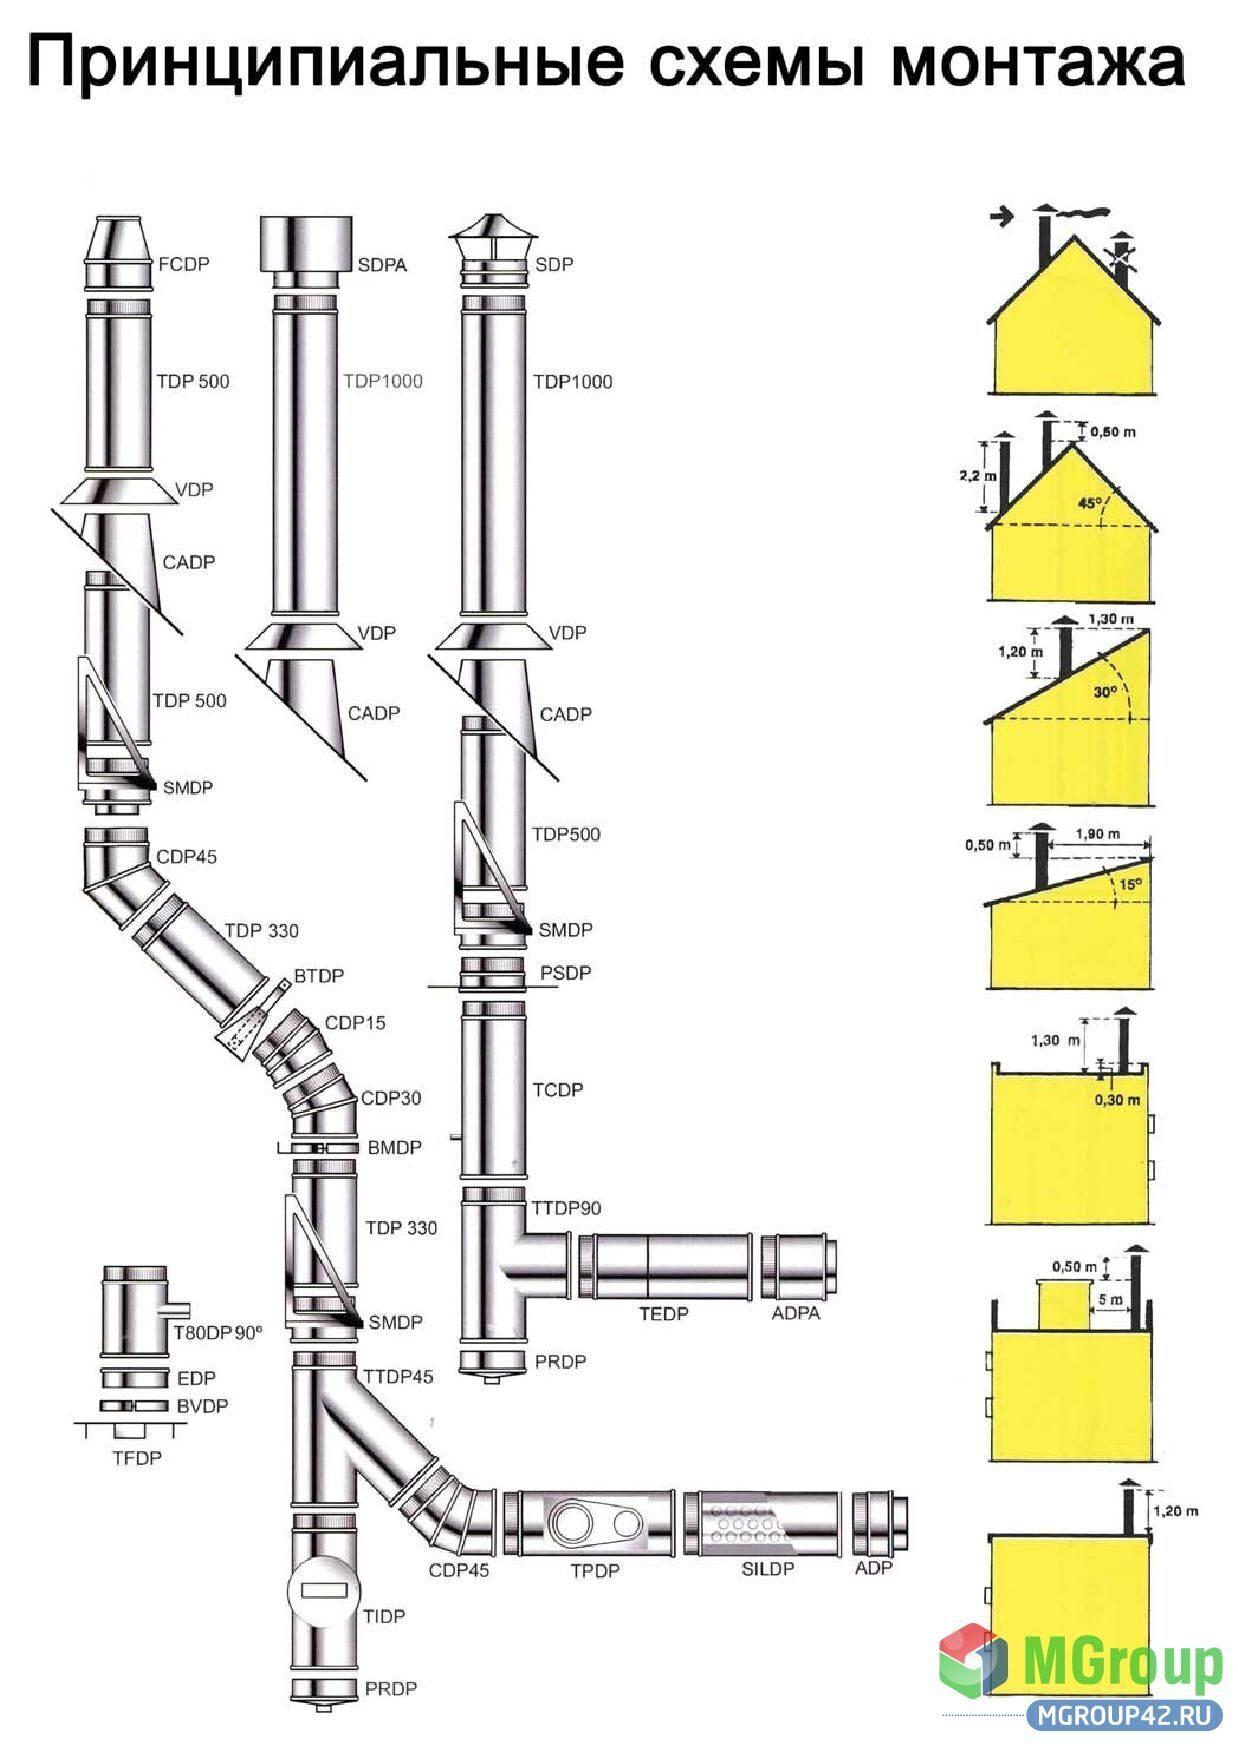 Газовый дымоход в кемерово дымоходы для газового котла фото